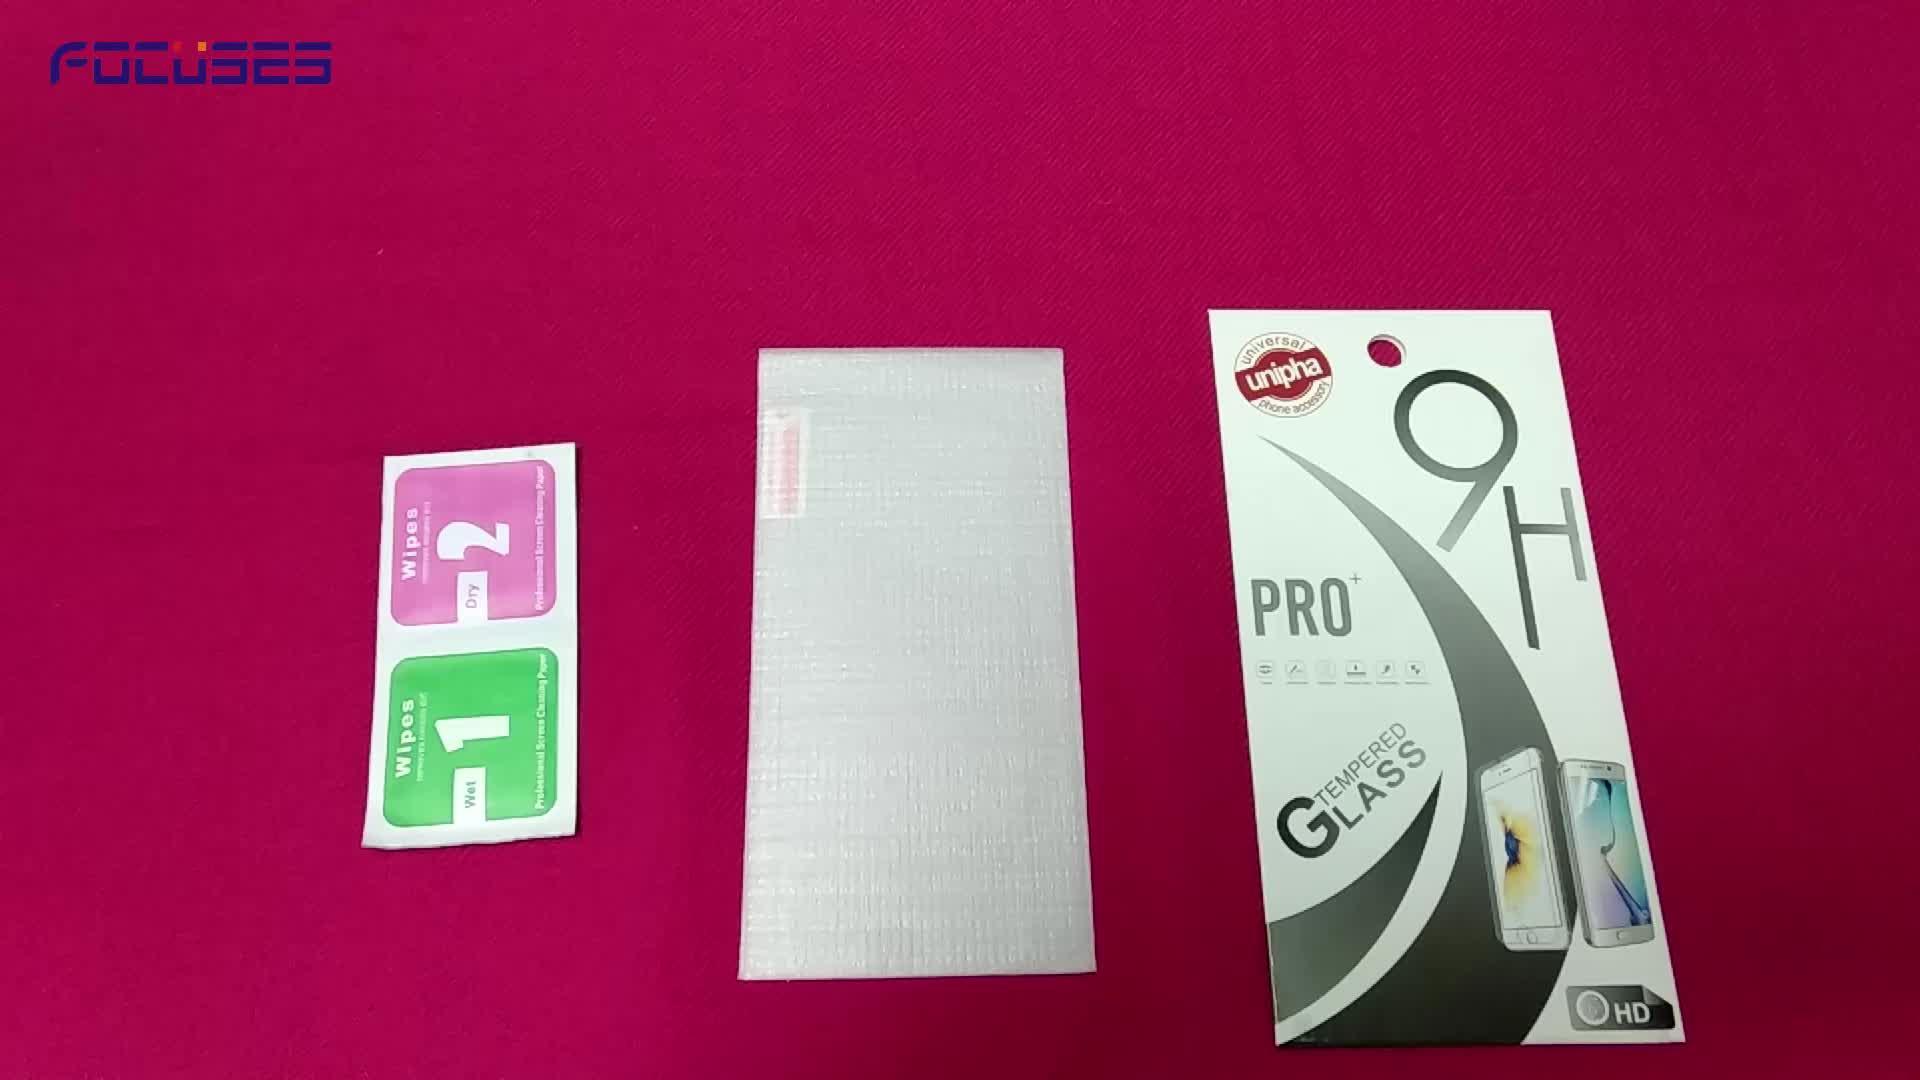 2.5D kristallklarer beweglicher Handy-Schirm-Schutz-ausgeglichenes Glas-Film-Blatt für iPhone X